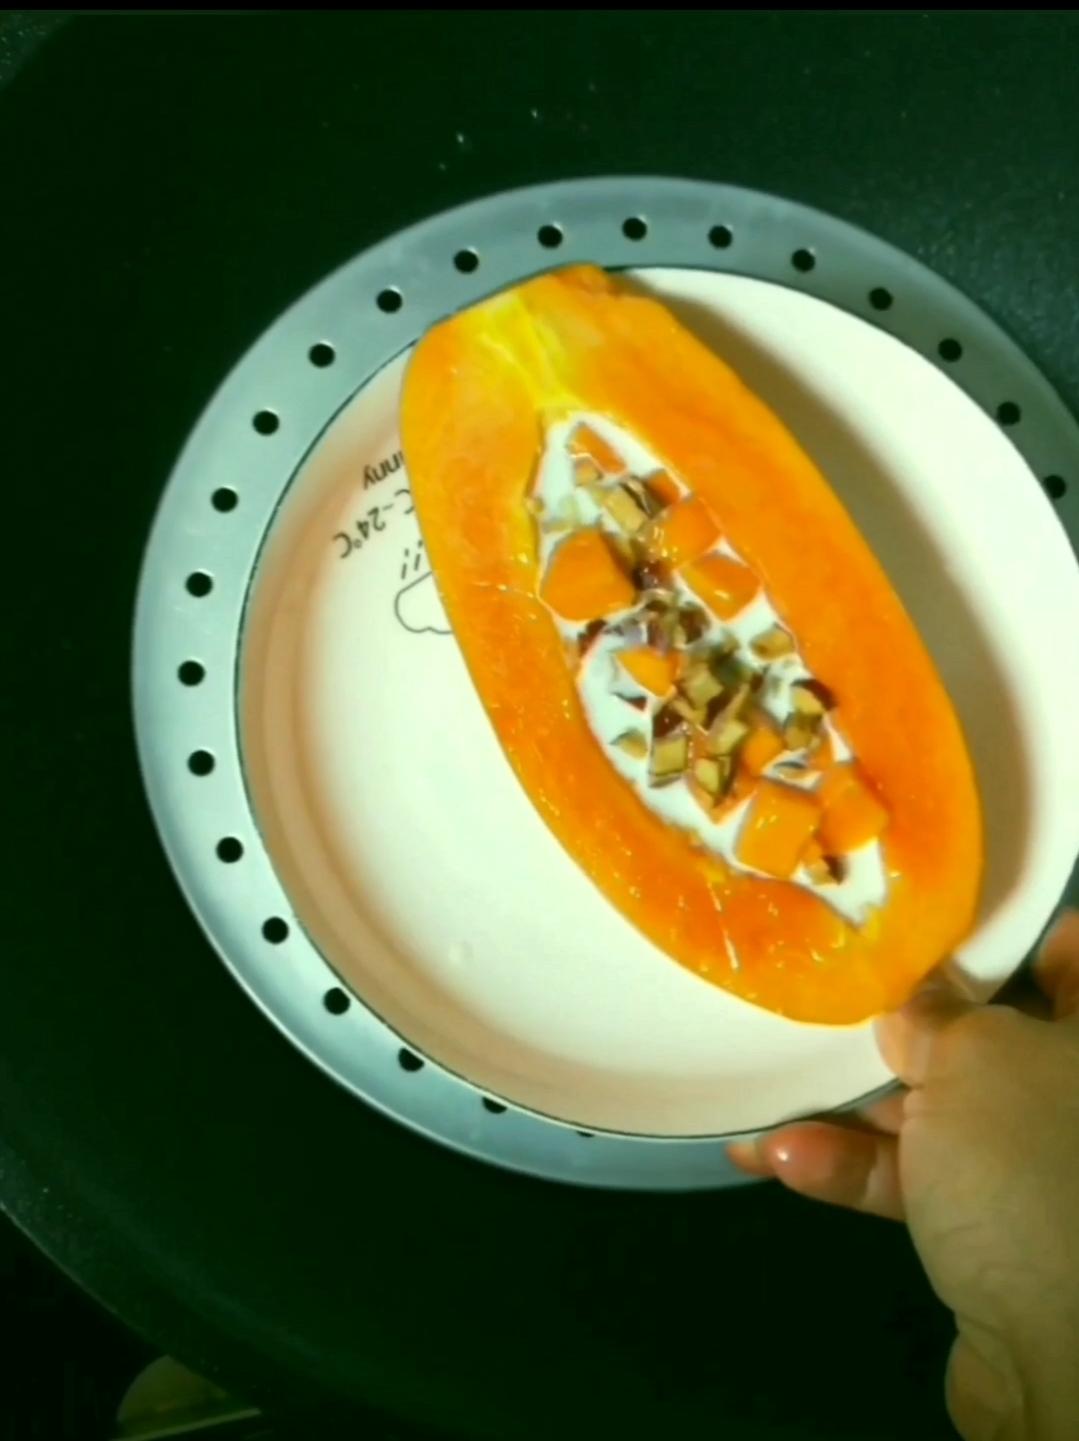 牛奶木瓜炖燕窝怎么做